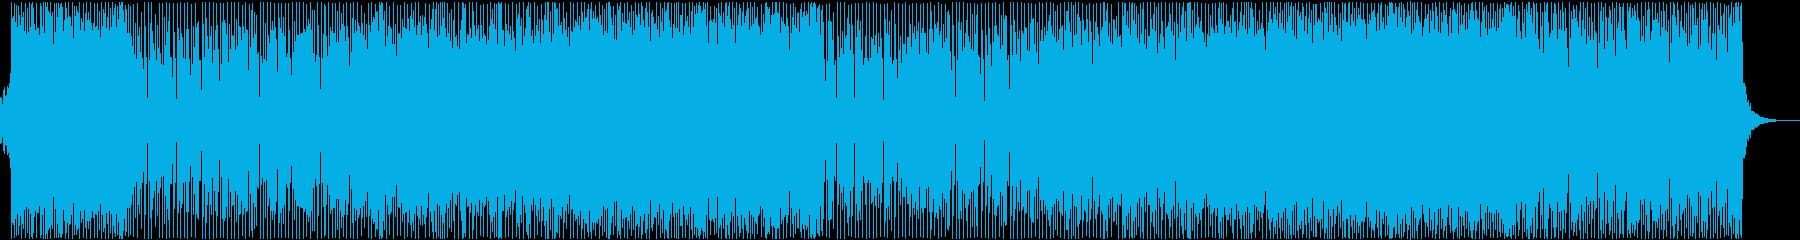 カワイイ・電脳・女の子・VTuberの再生済みの波形